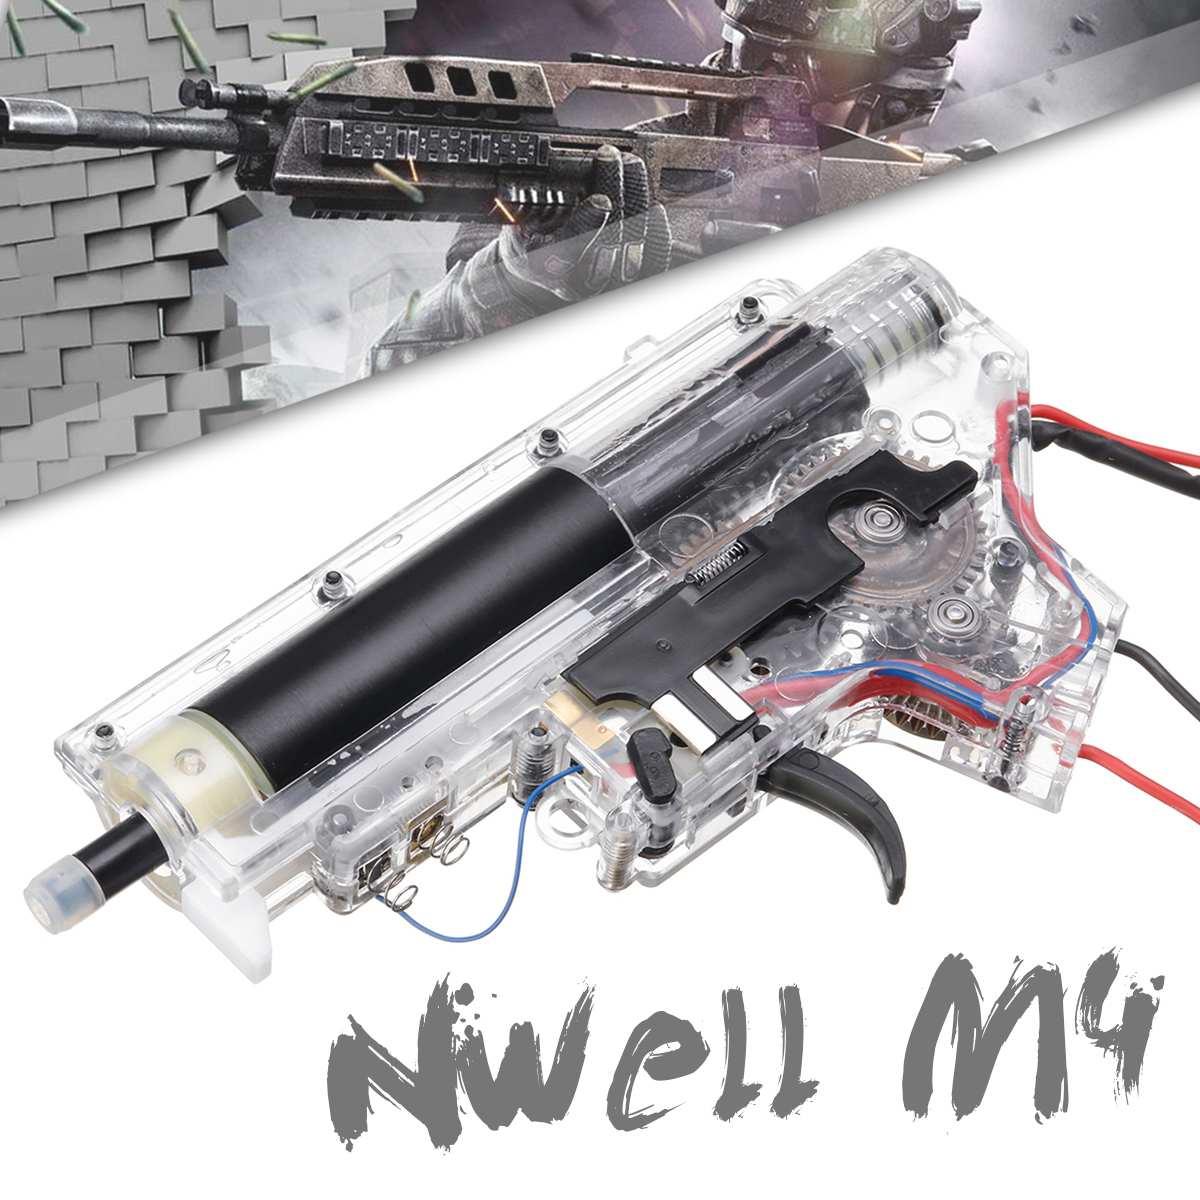 Kit de atualização de Metal Caixa De Velocidades + Fio Para Nwell M4 Blasters de Jogo Bola de Gel de Água Armas de Brinquedo Acessórios de Reposição